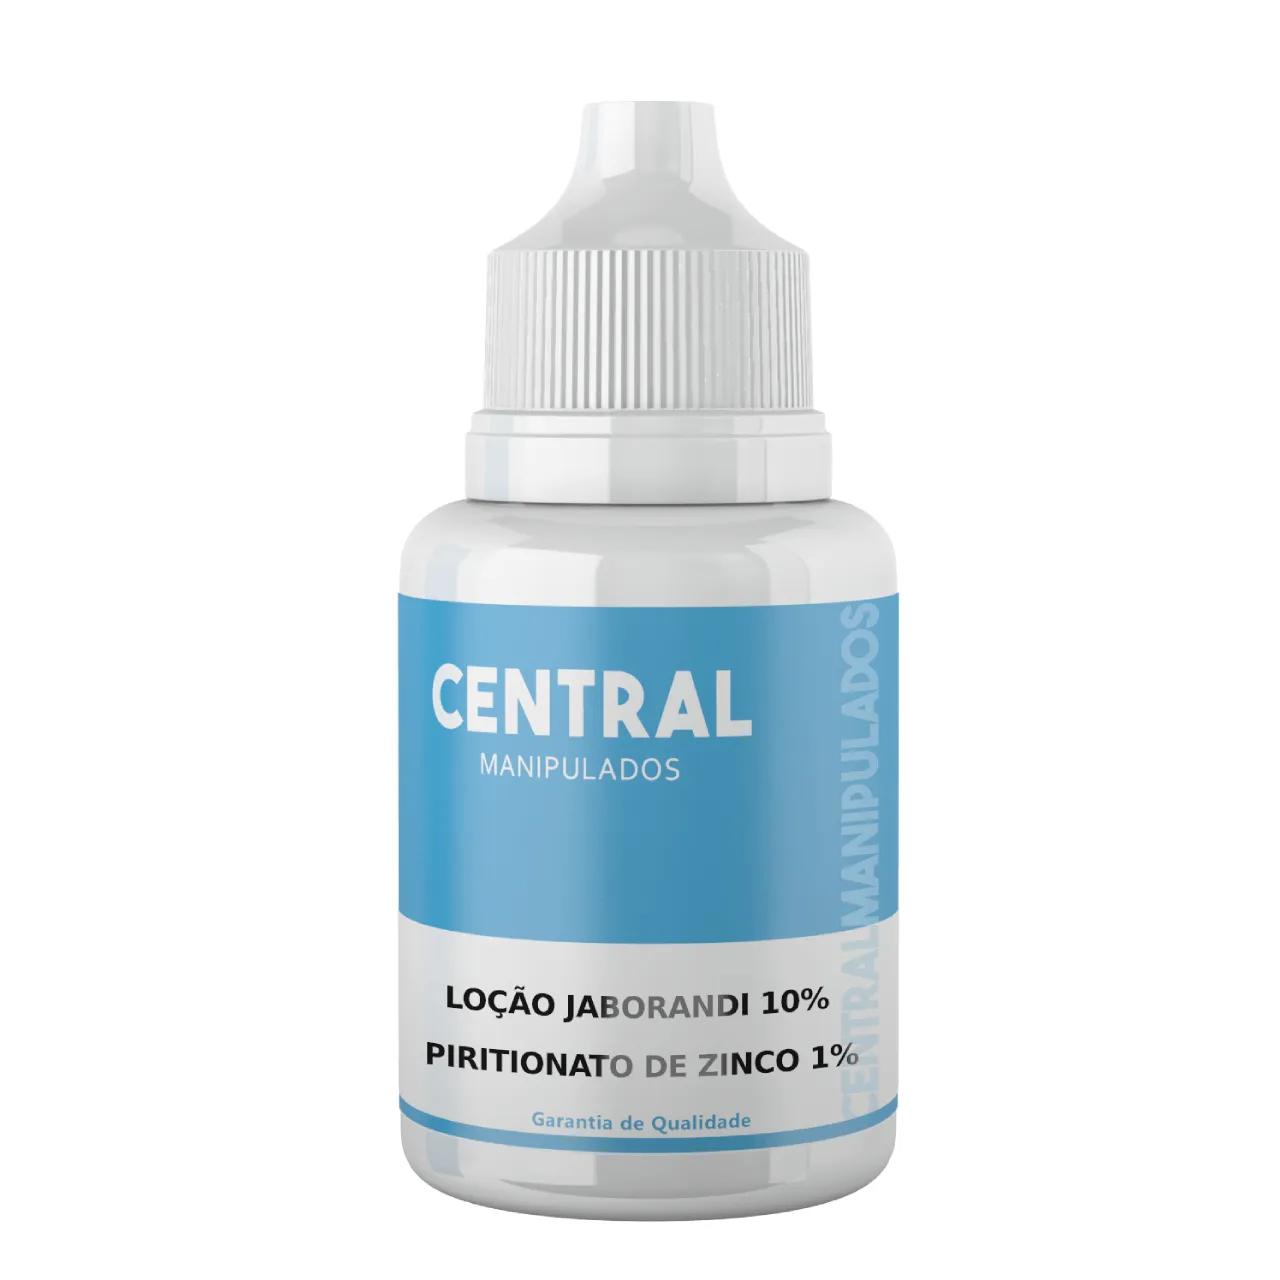 Loção Capilar Jaborandi 10% + Piritionato de Zinco 1% 200ml - Combate à queda capilar, Estimula o crescimento, Anticaspa,  Controle da Oleosidade